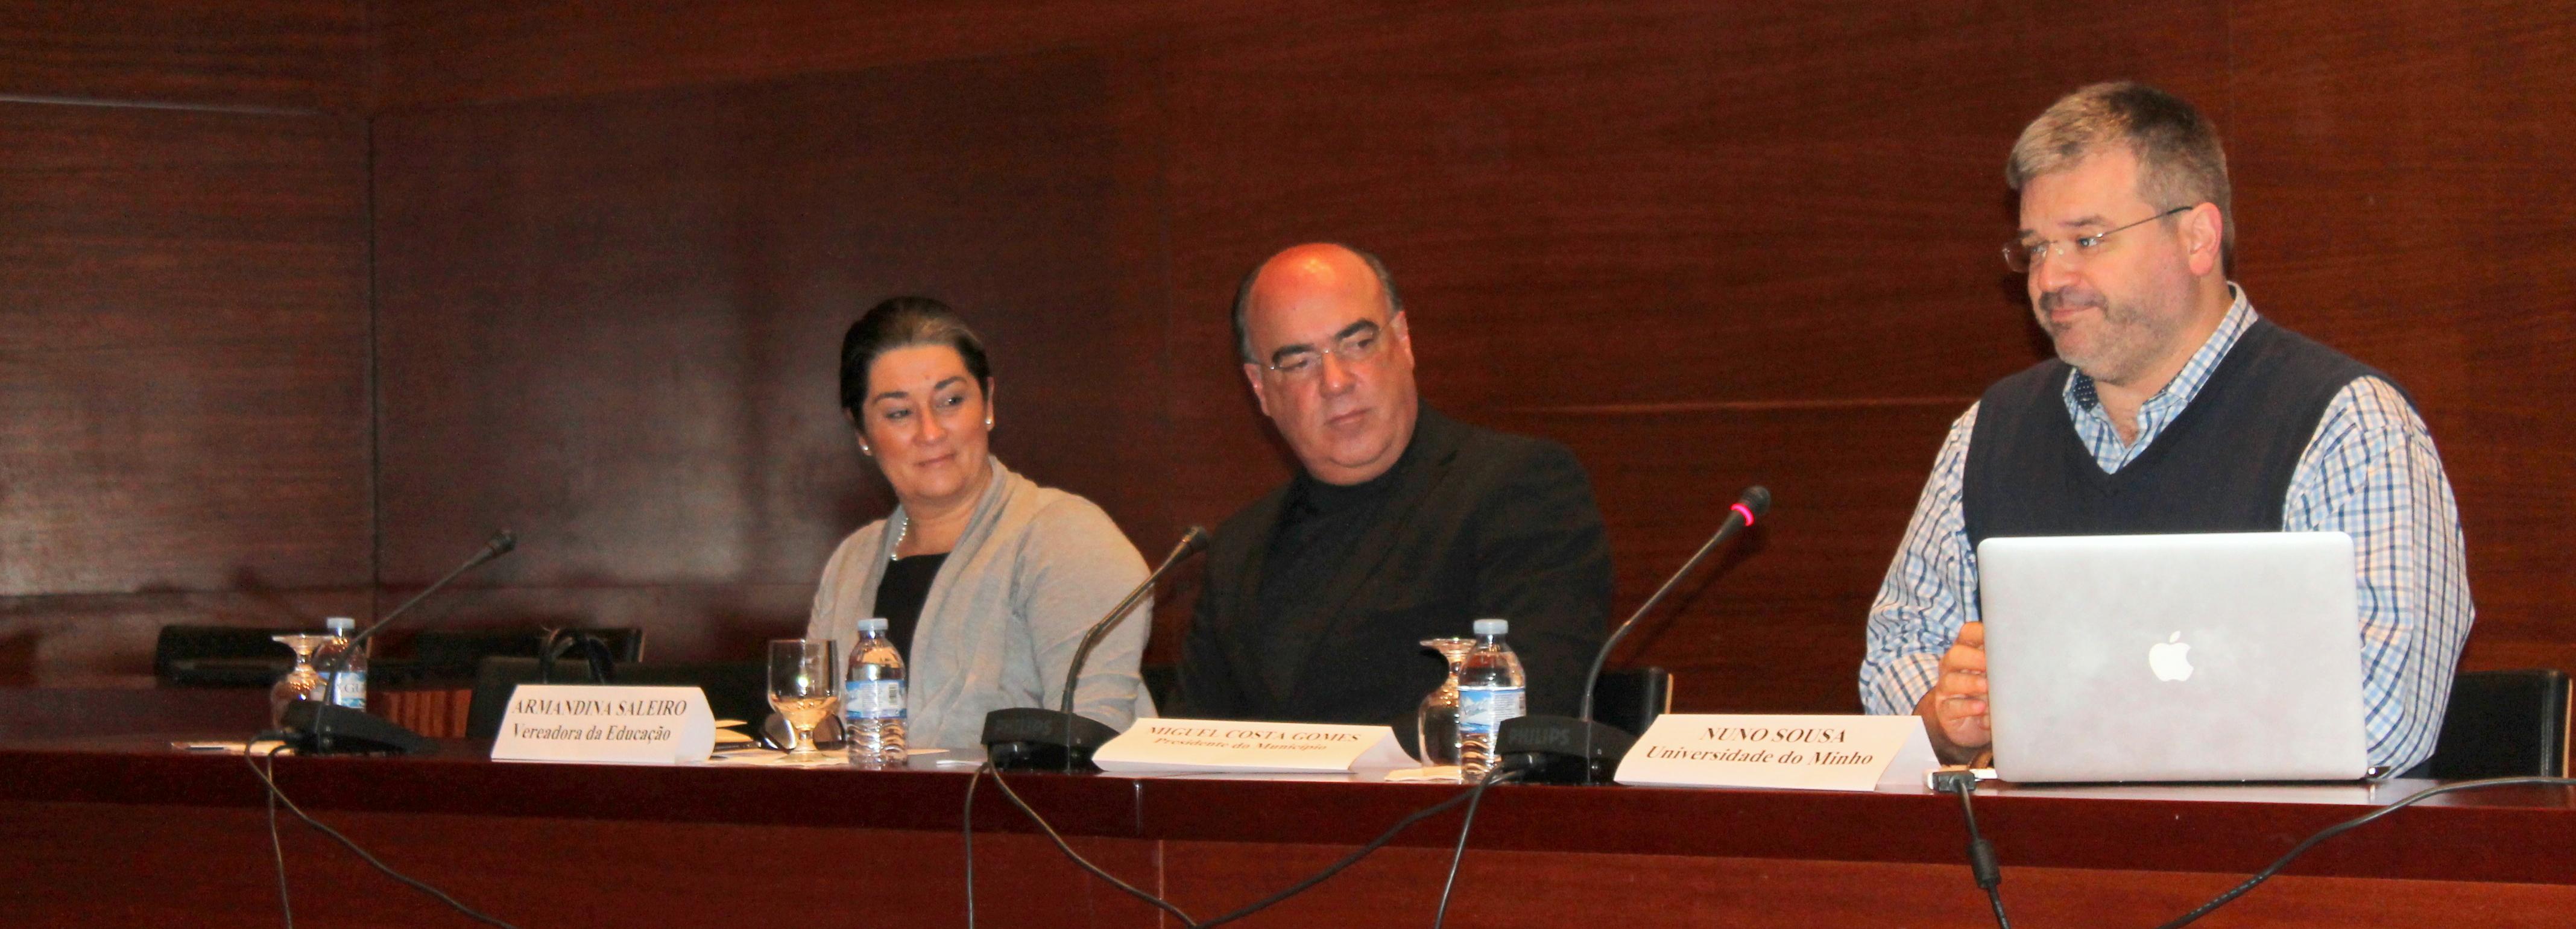 Semana da Ciência mobiliza escolas e bibliotecas de Barcelos